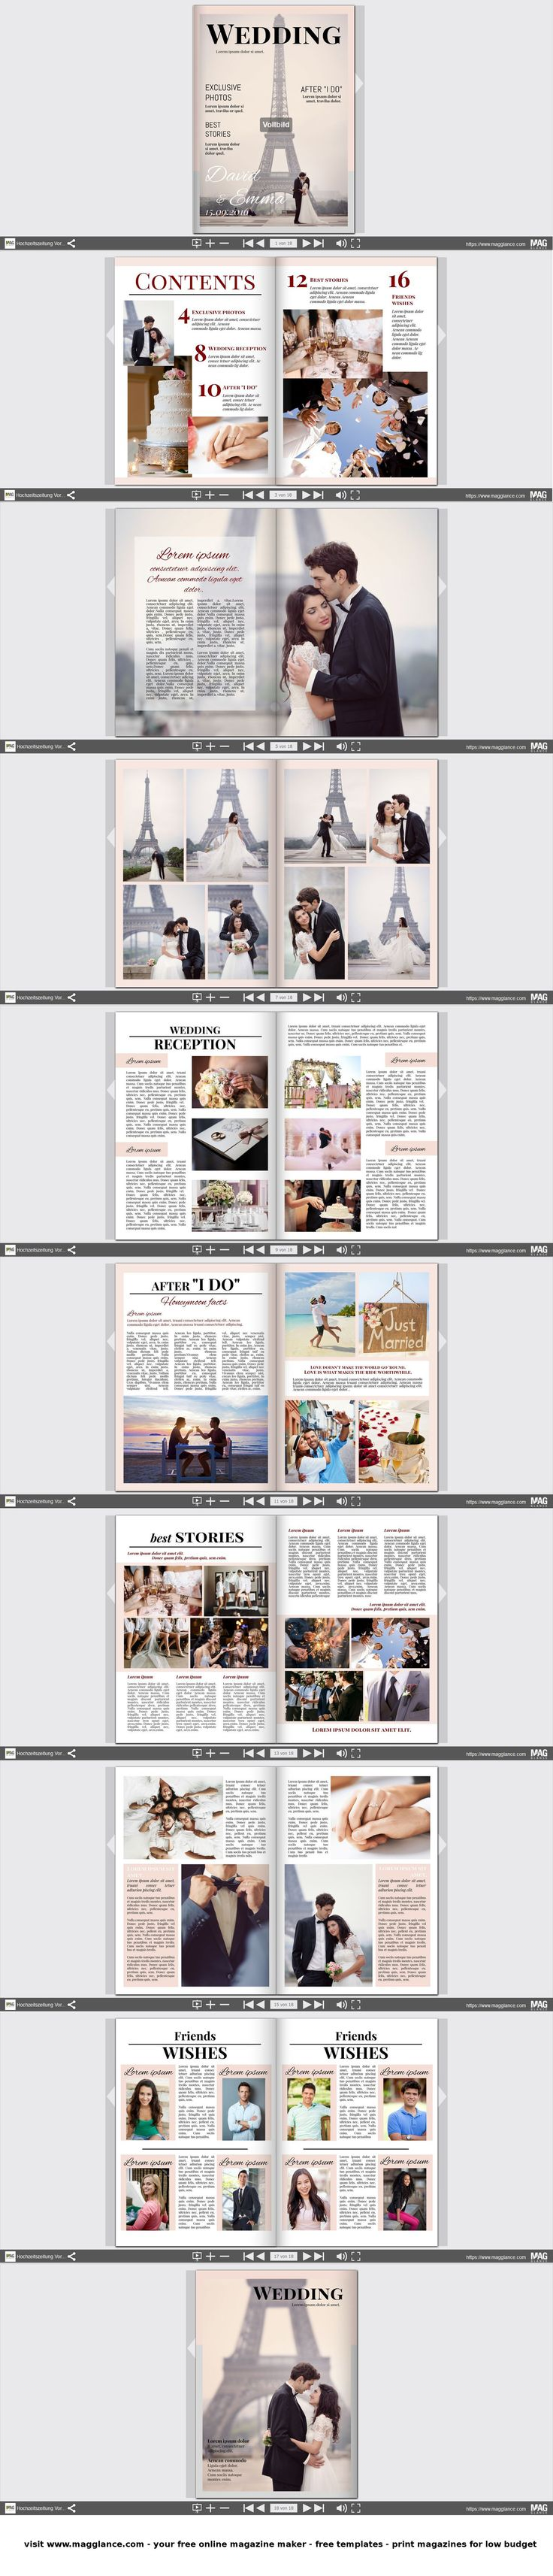 20 beste idee n over bruiloft ontwerpen op pinterest huwelijksplanning tijdlijn 12 maanden - Idee van eerlijke lay outs ...